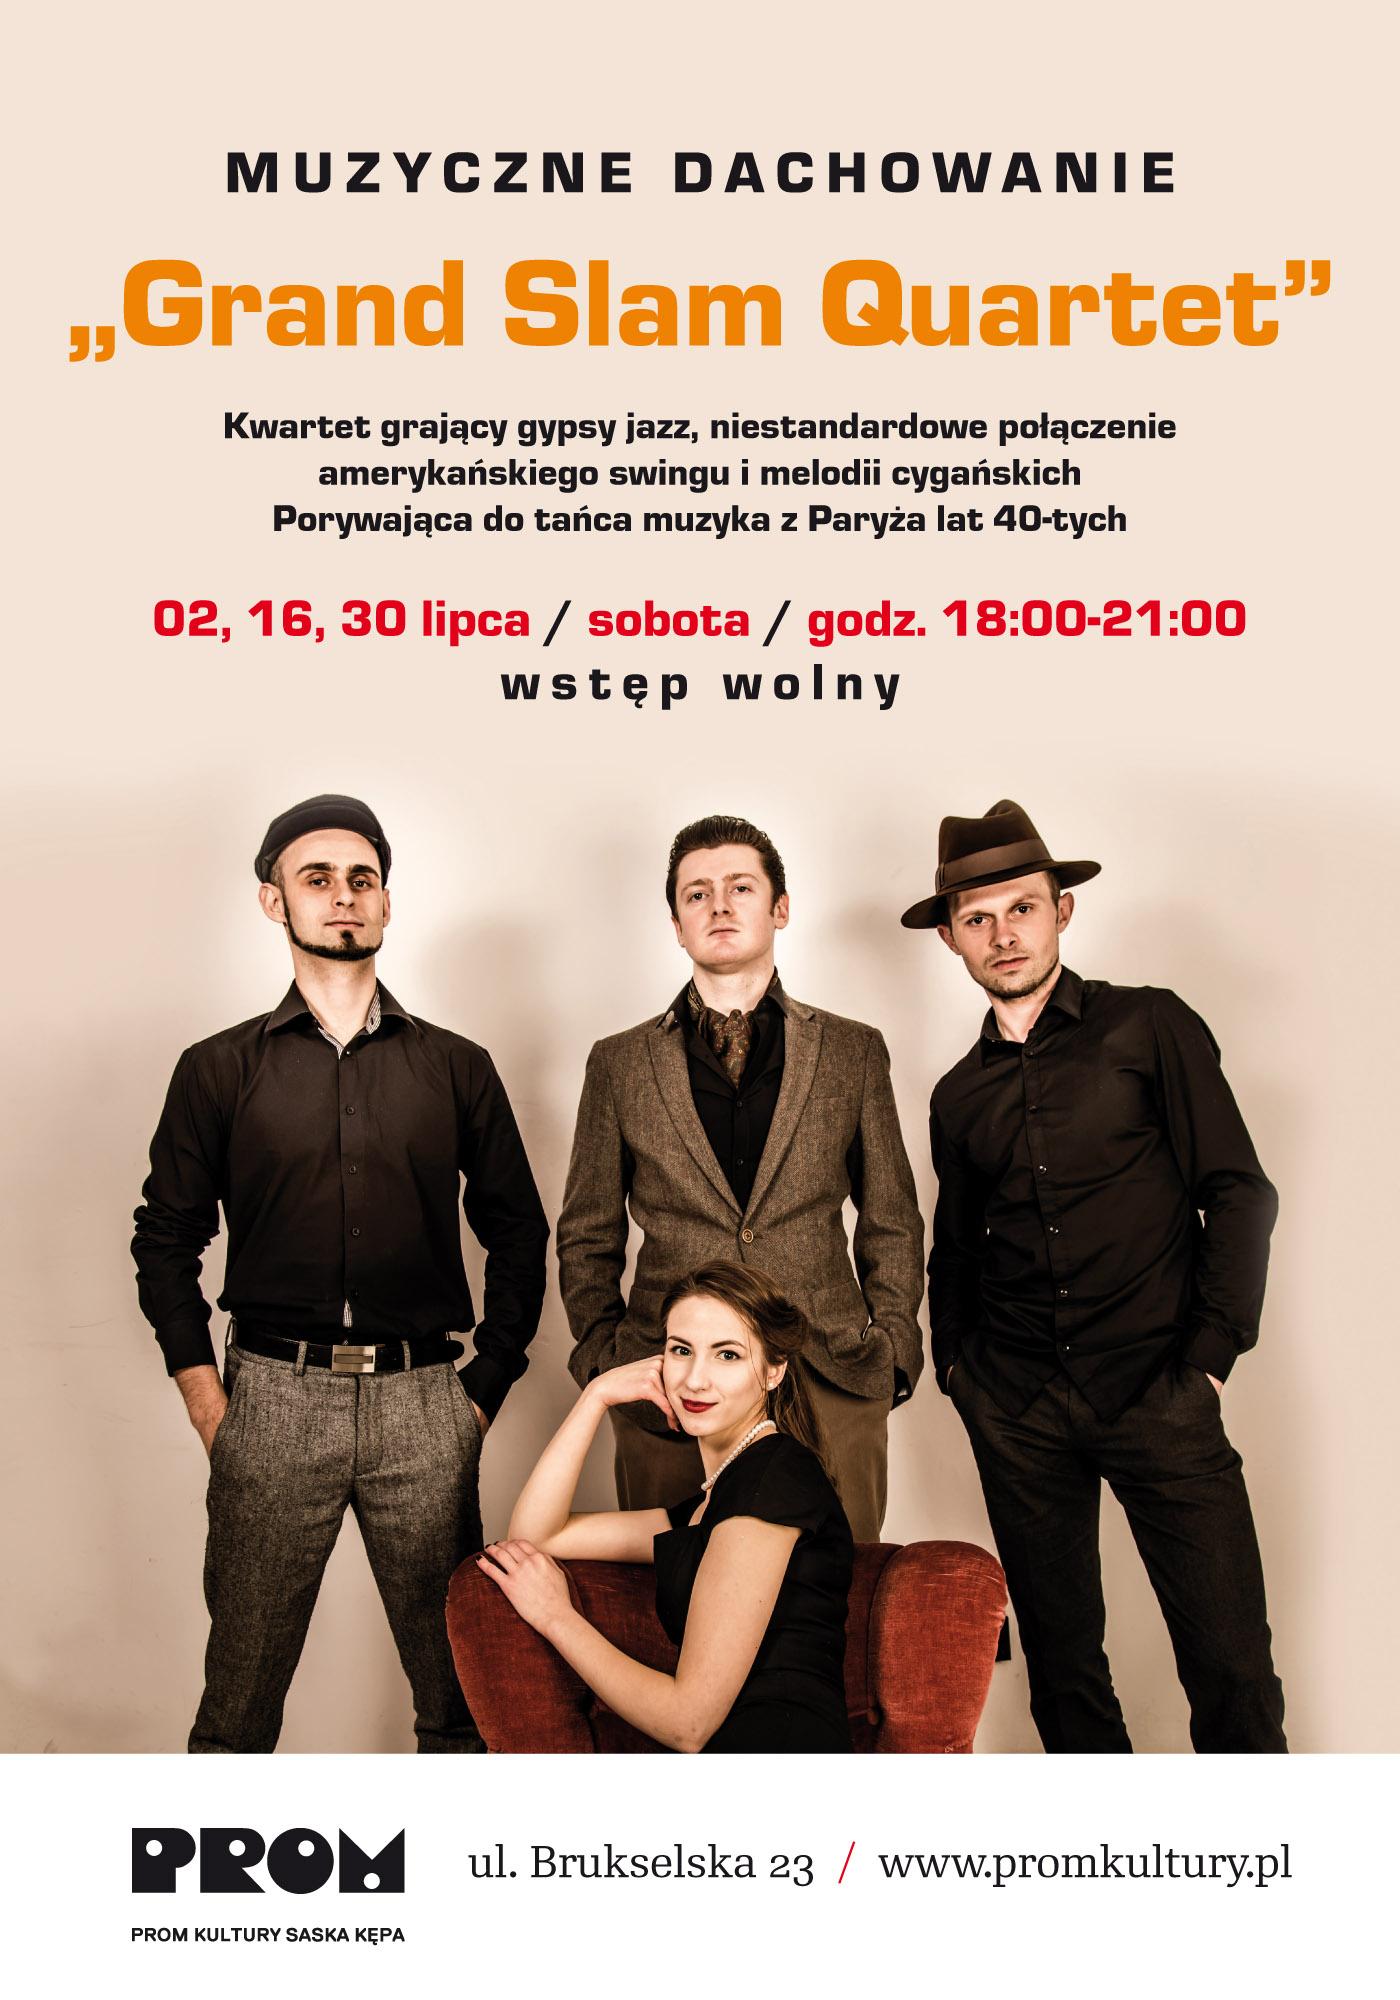 Grand Slam Quartet – plakat (źródło: materiały prasowe organizatora)